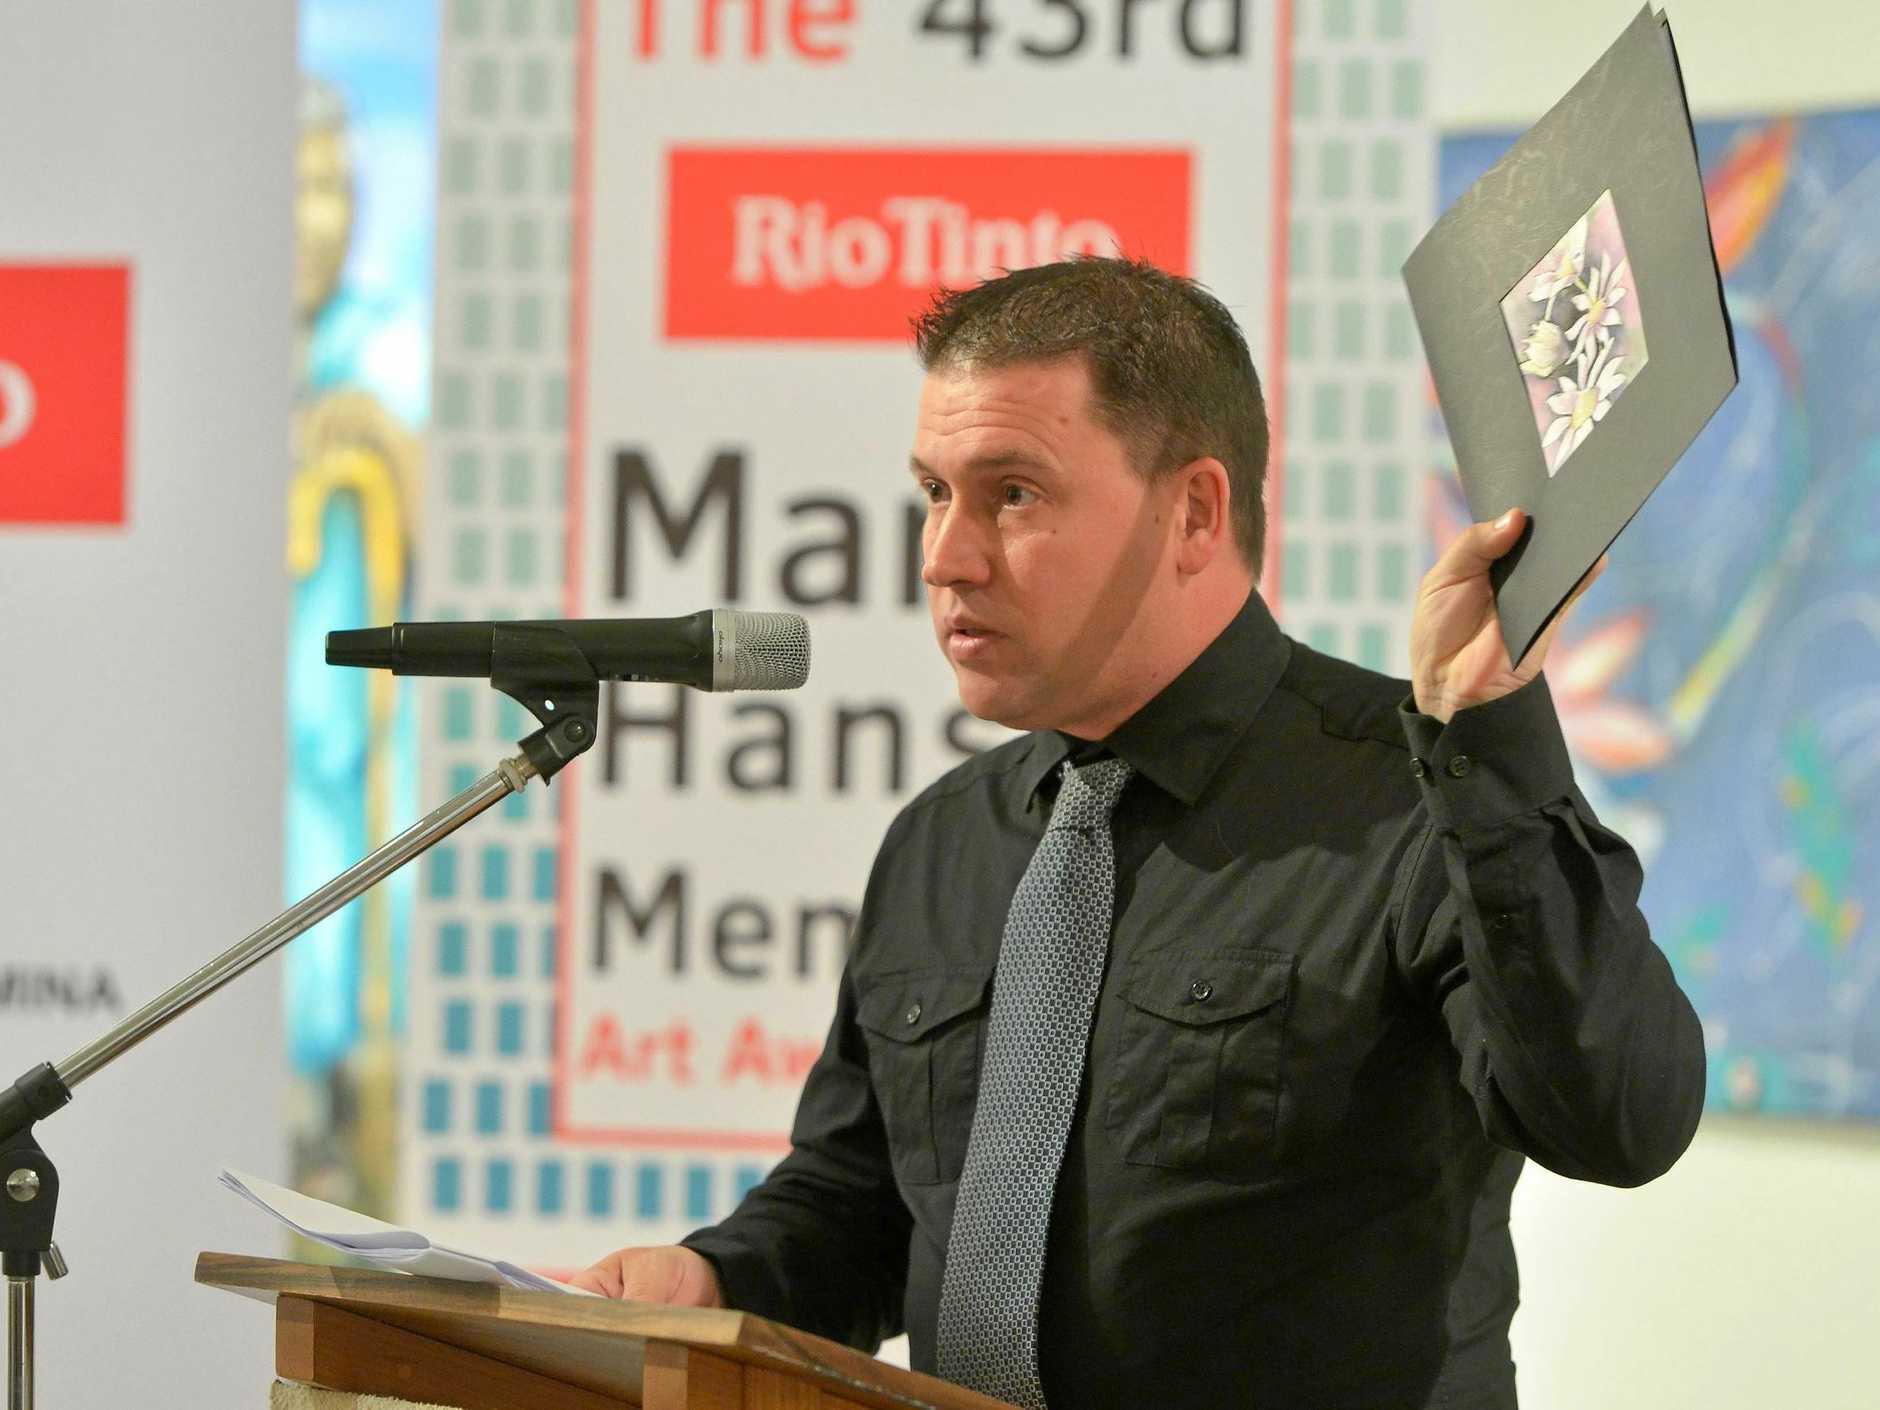 Mayor Matt Burnett.The 43rd Rio Tinto Martin Hanson Memorial Art Awards 2018.